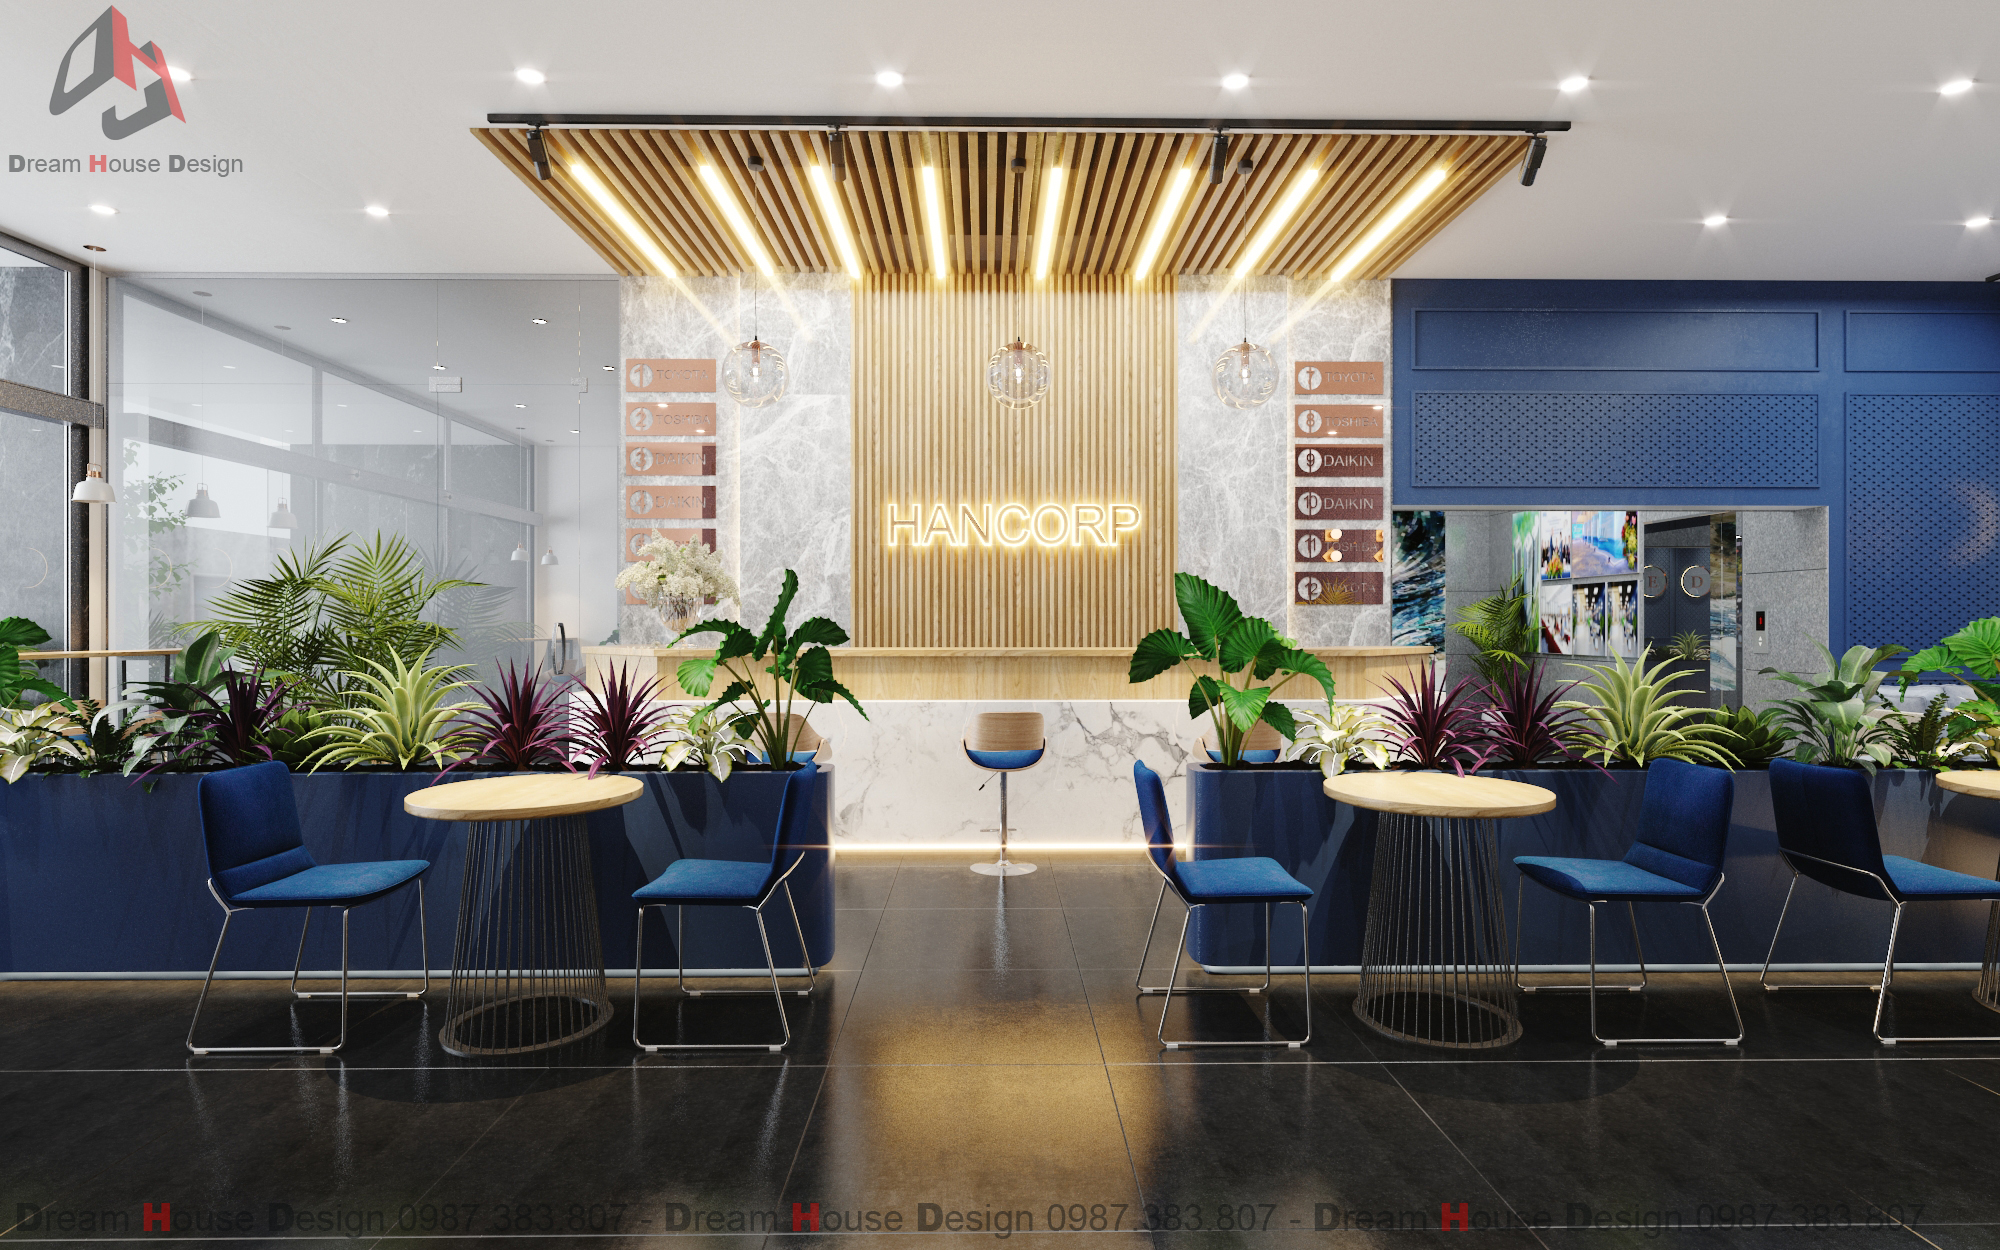 thiết kế nội thất Văn Phòng tại Hà Nội SẢNH VĂN PHÒNG TÒA NHÀ HANCORP PLAZA 1 1553137334